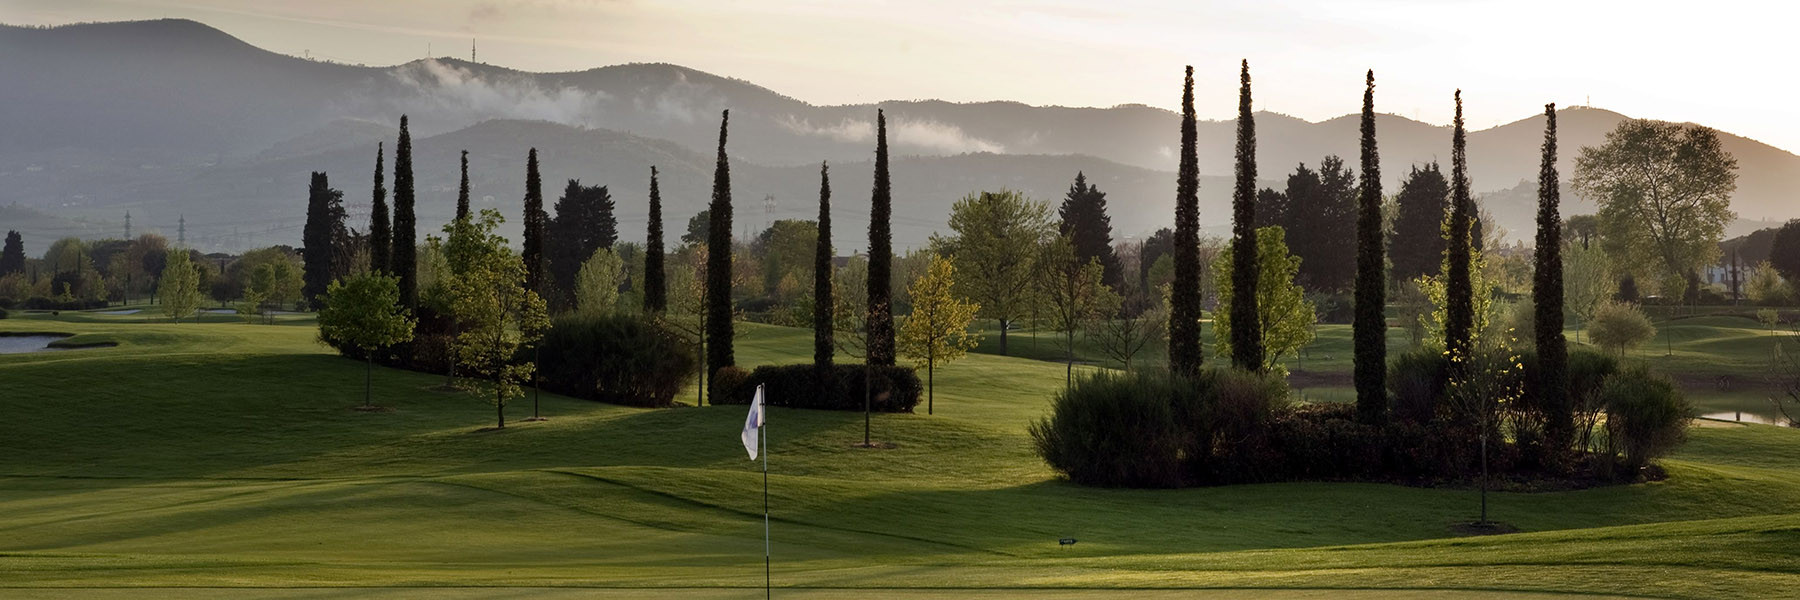 Arnold Palmer's Meisterstück in der Toskana: Golf Le Pavoniere - Golf & Golf in der Toskana